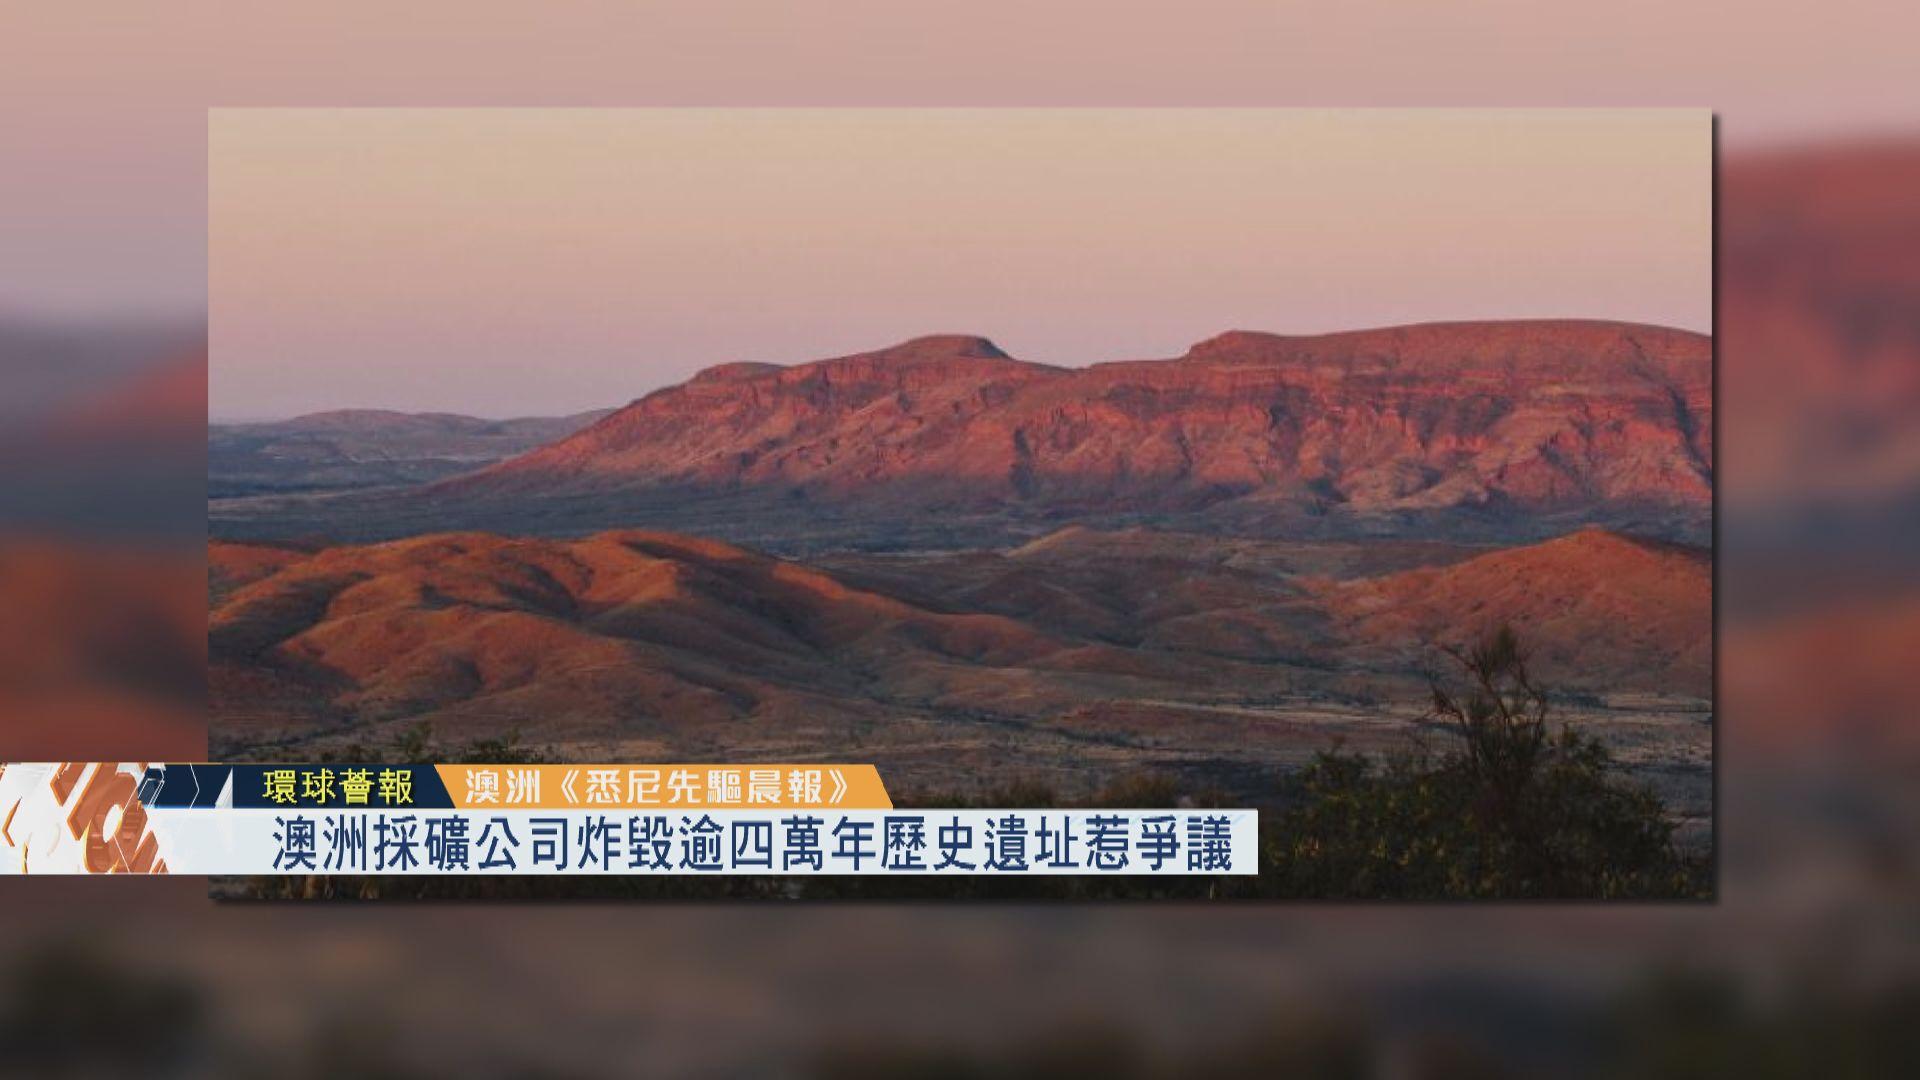 【環球薈報】澳洲採礦公司炸毀逾四萬年歷史遺址惹爭議